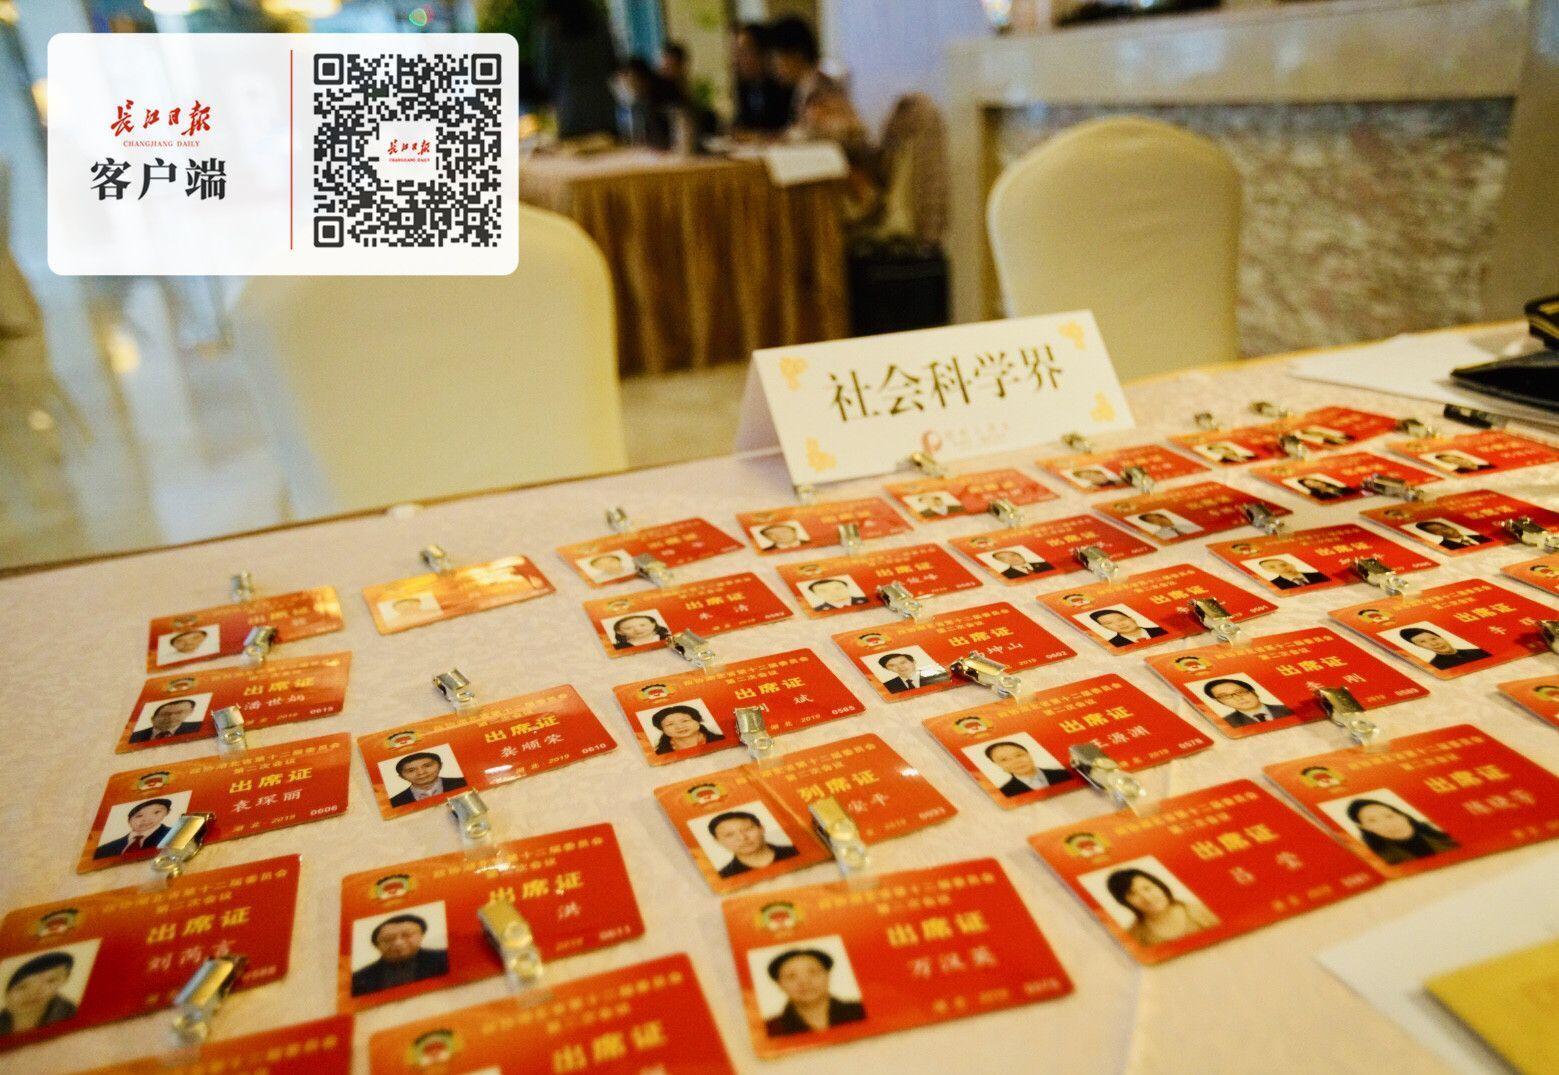 1月12日,参加政协湖北省第十二届委员会第二次会议的委员开始报到。图为省政协委员报到现场。记者何晓刚 摄